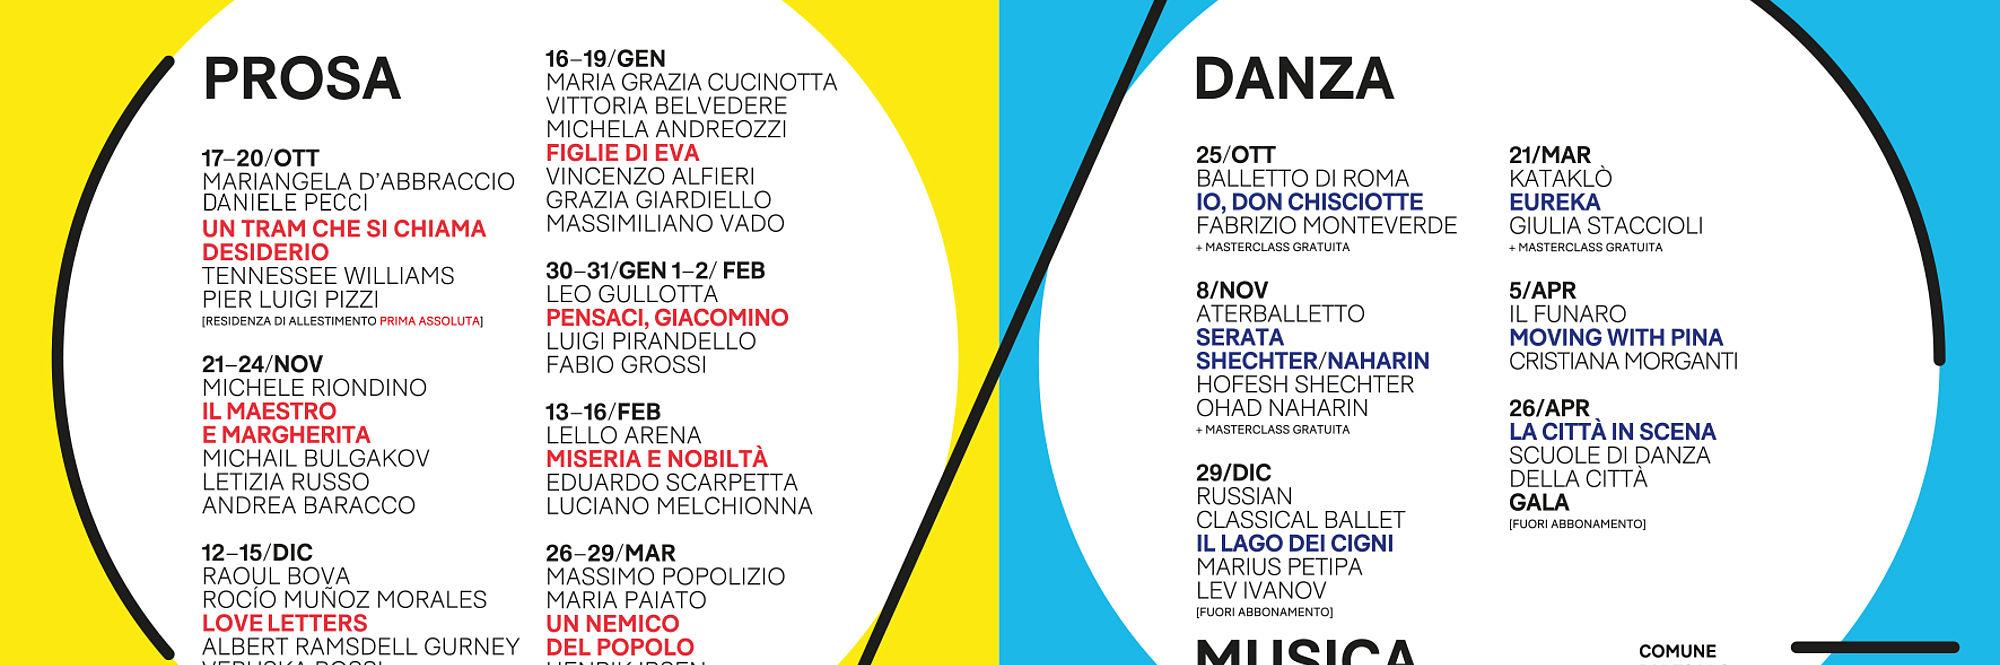 Stagione Prosa e danza 2019 2020